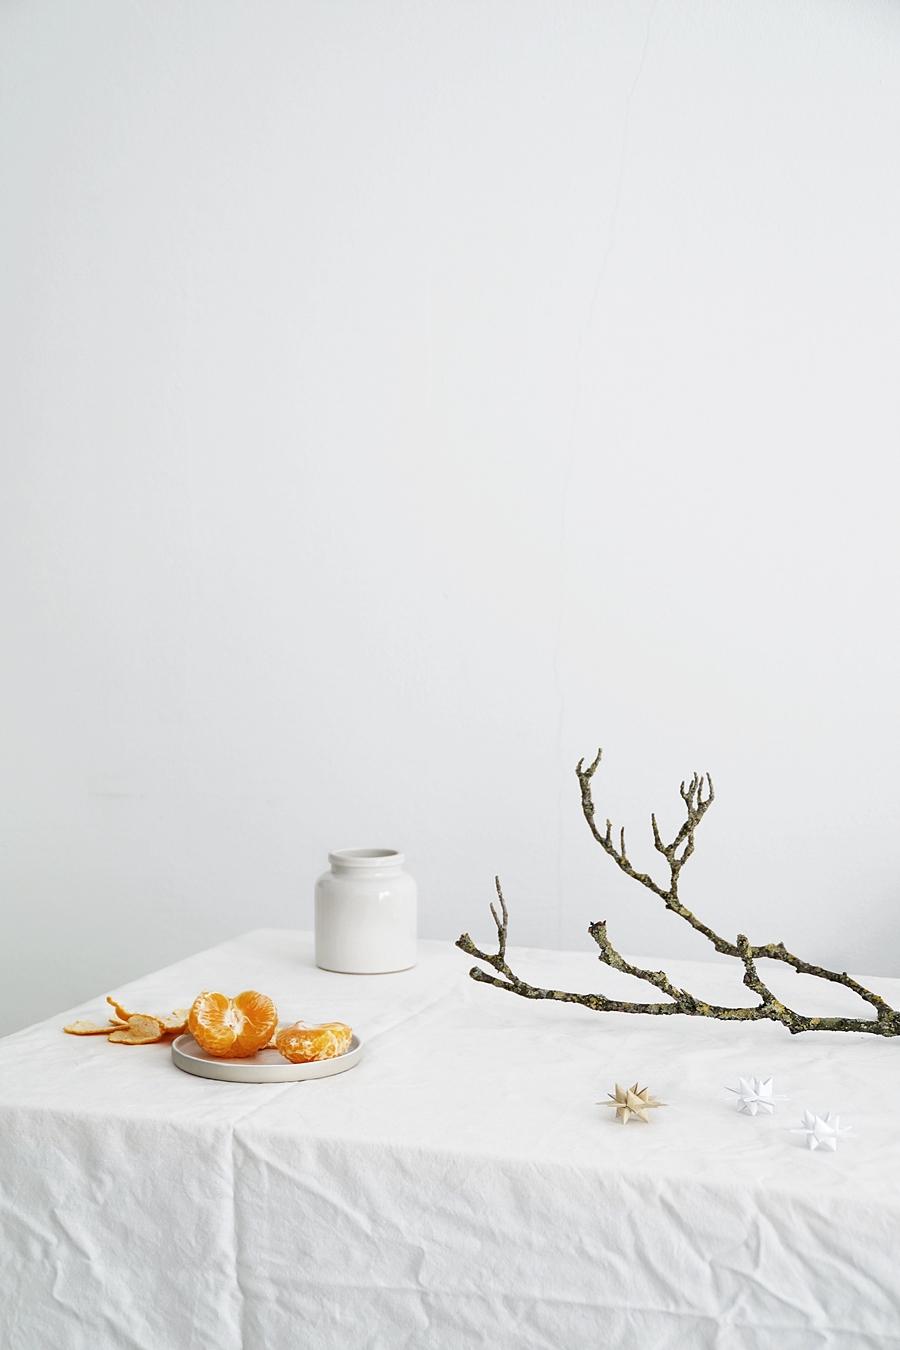 Die Adventszeit in Bildern: Minimalistische Weihnachtsdeko. Dekoideen Dezember weihnachtliche Tischdeko Fotografie Tasteboykott.